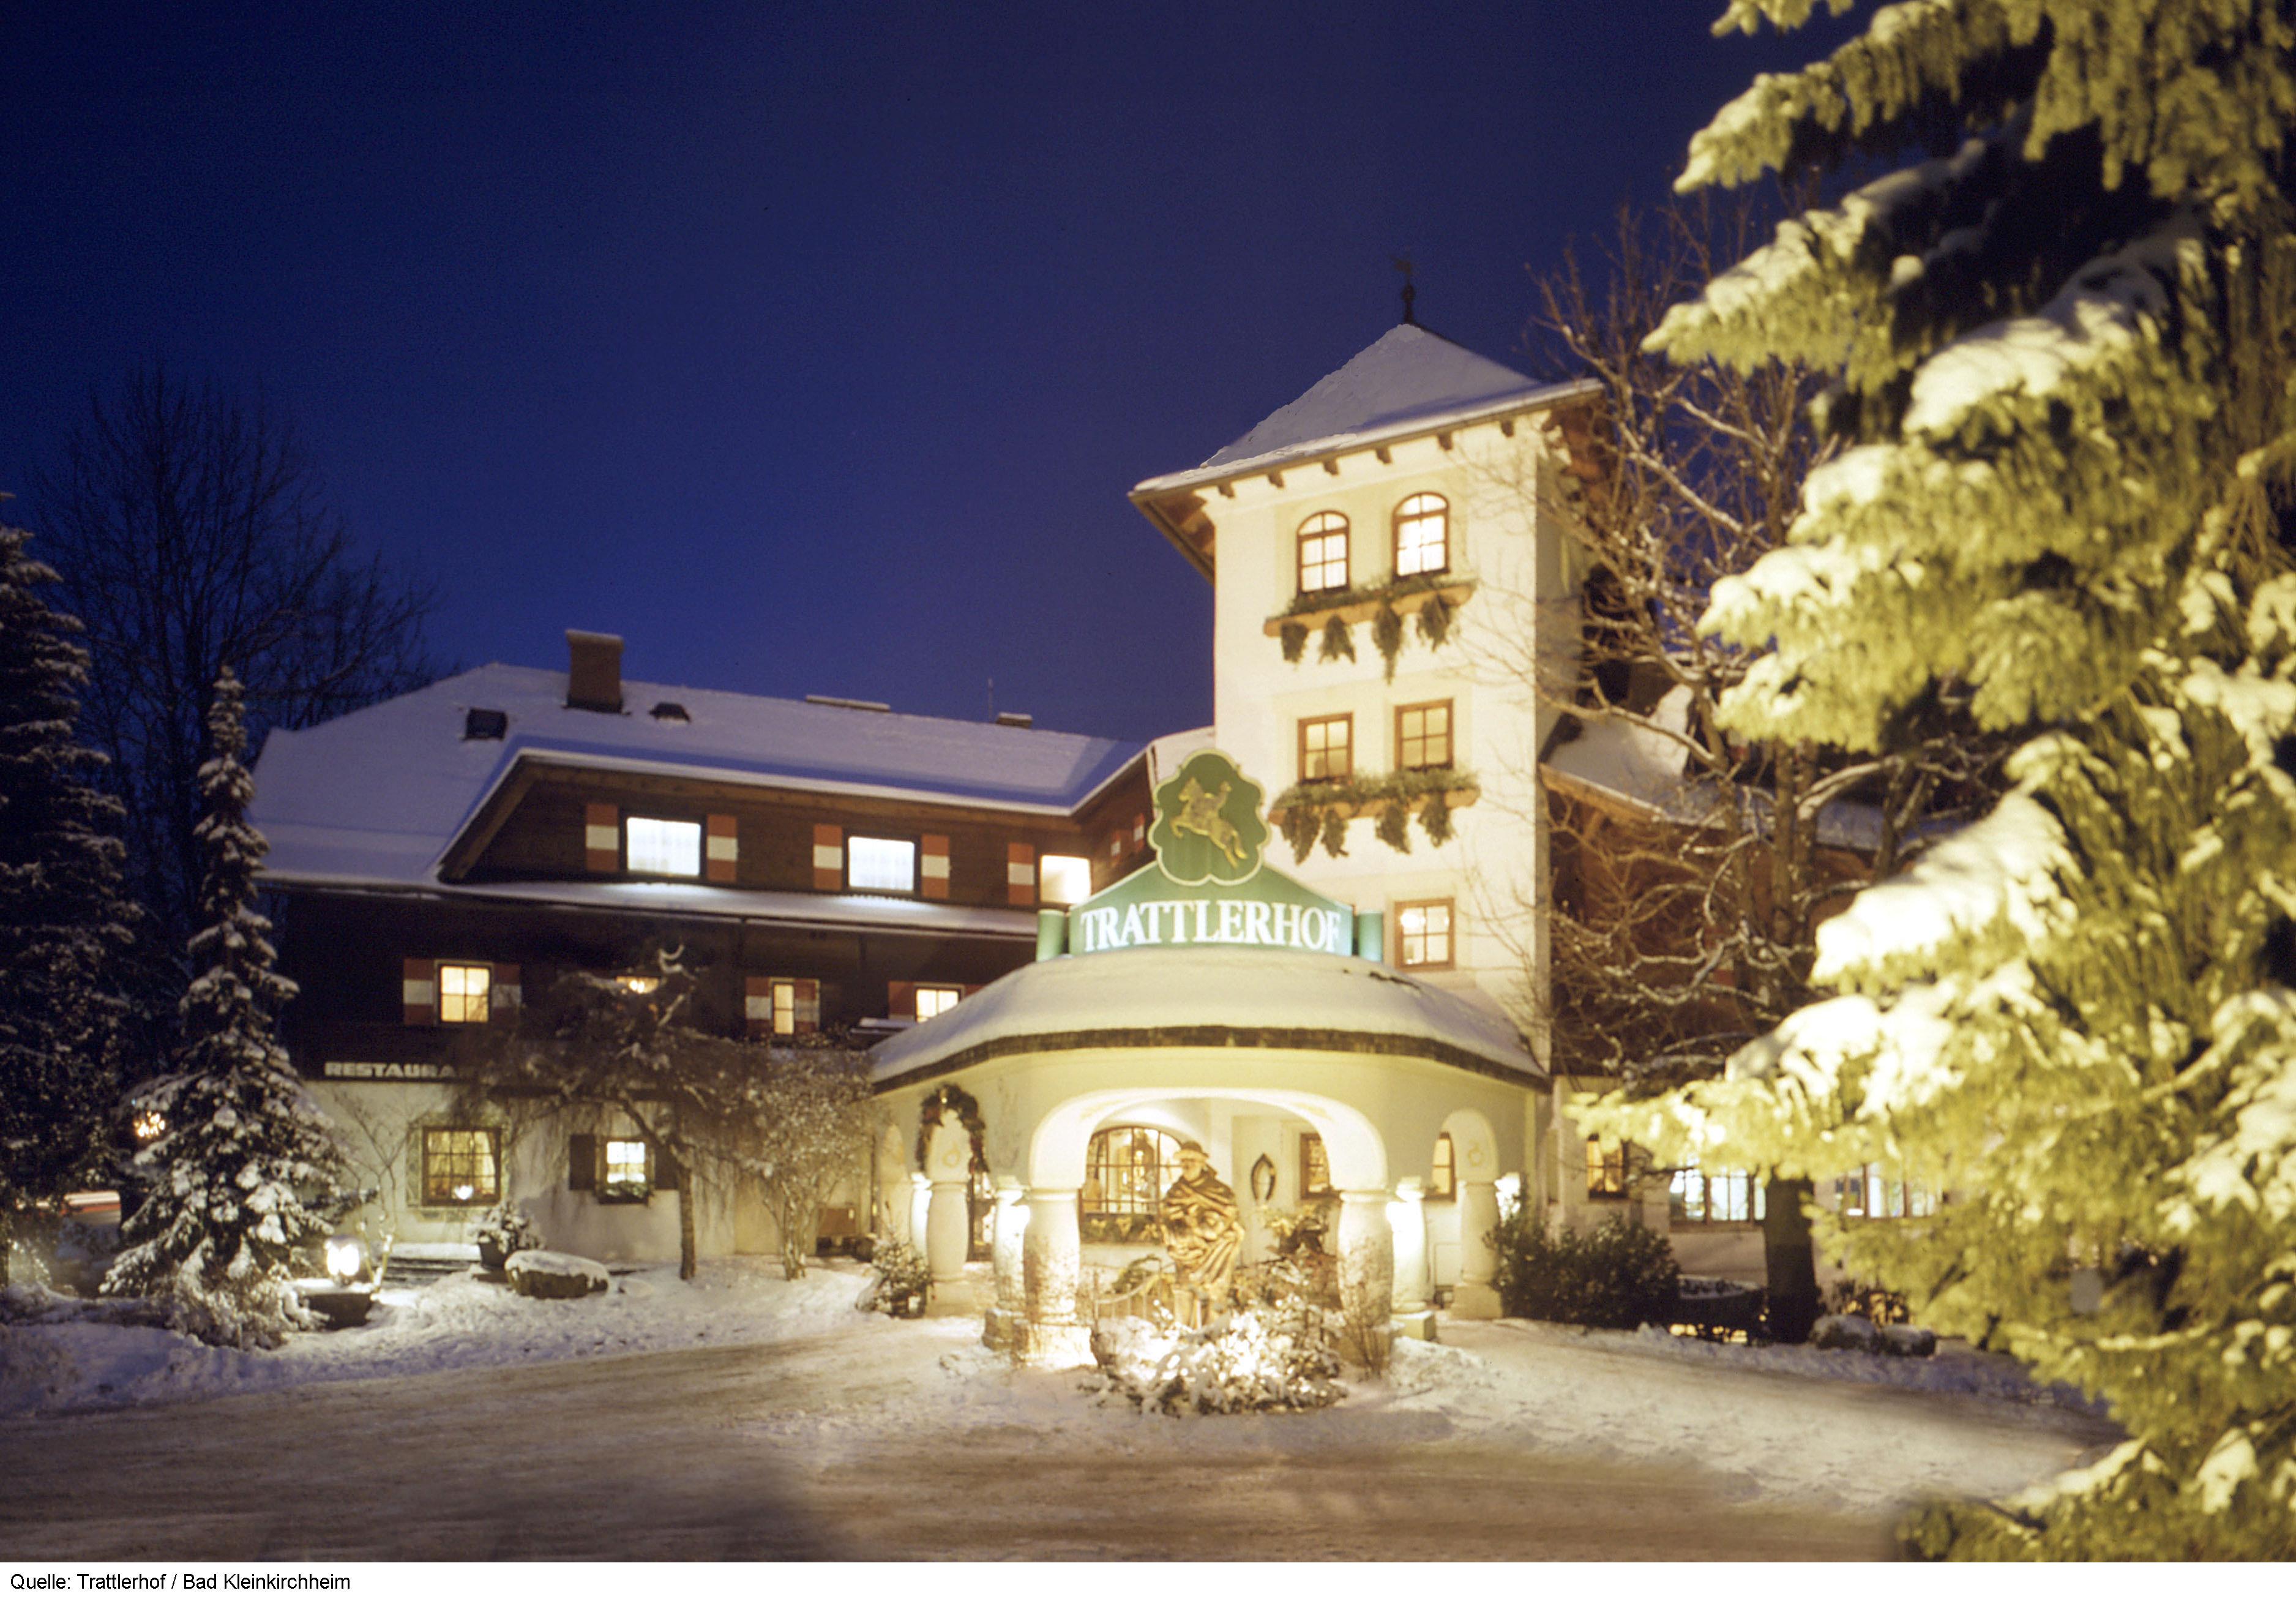 Hotel Trattlerhof****  Bad Kleinkirchheim 00134